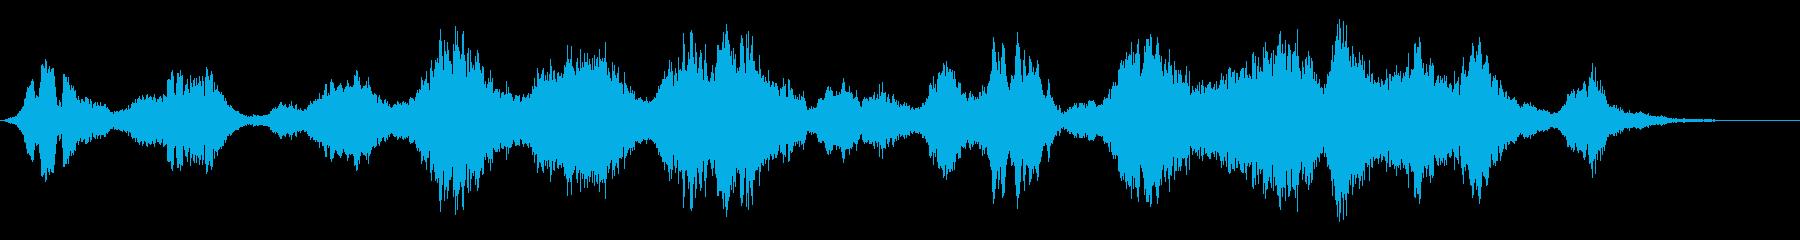 異世界繋がるホラーアンビエントサスペンスの再生済みの波形